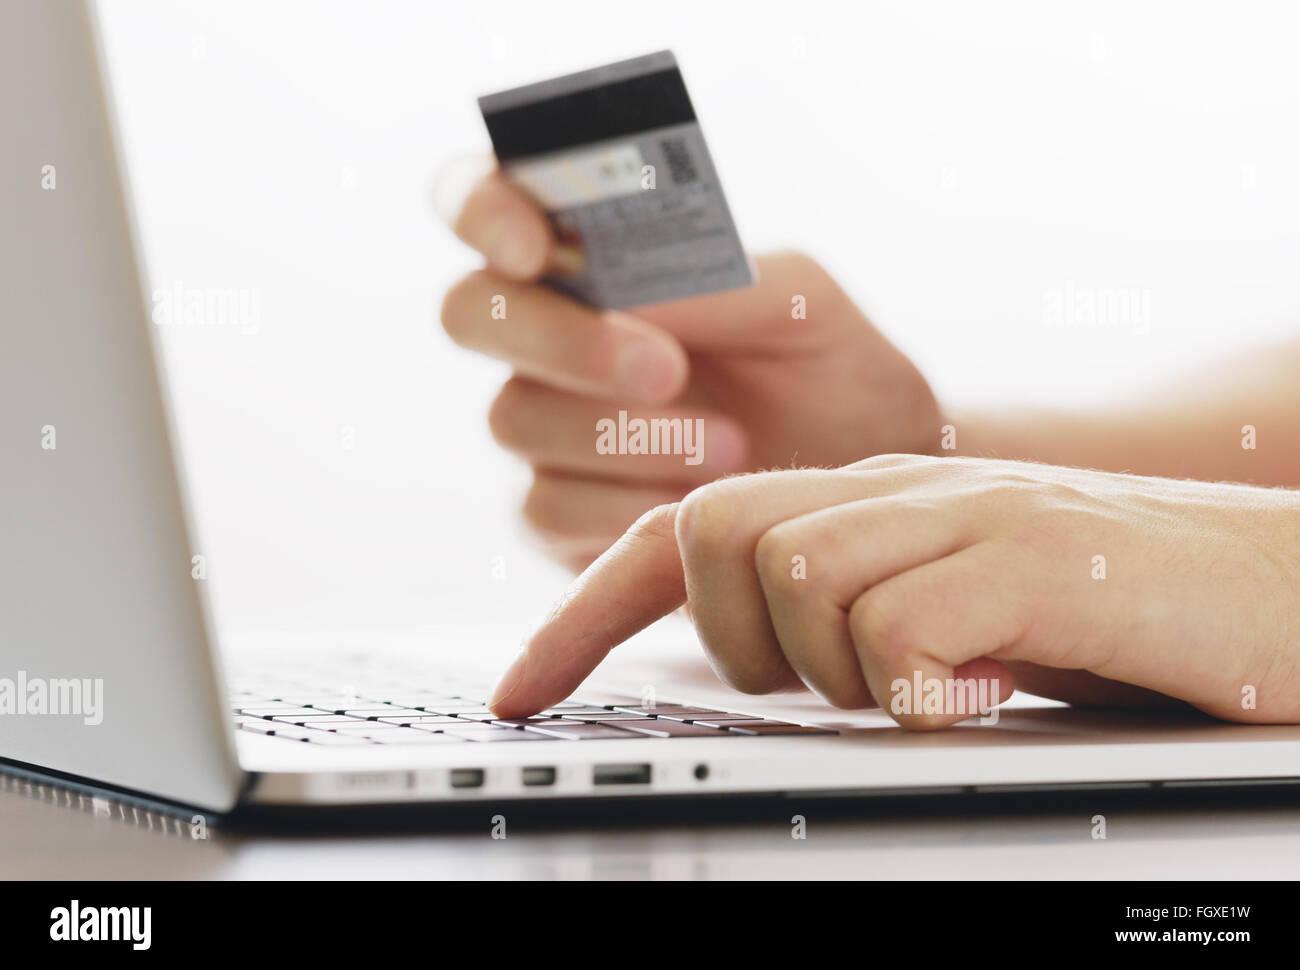 Online Shopping Risk Stockfotos & Online Shopping Risk Bilder - Alamy